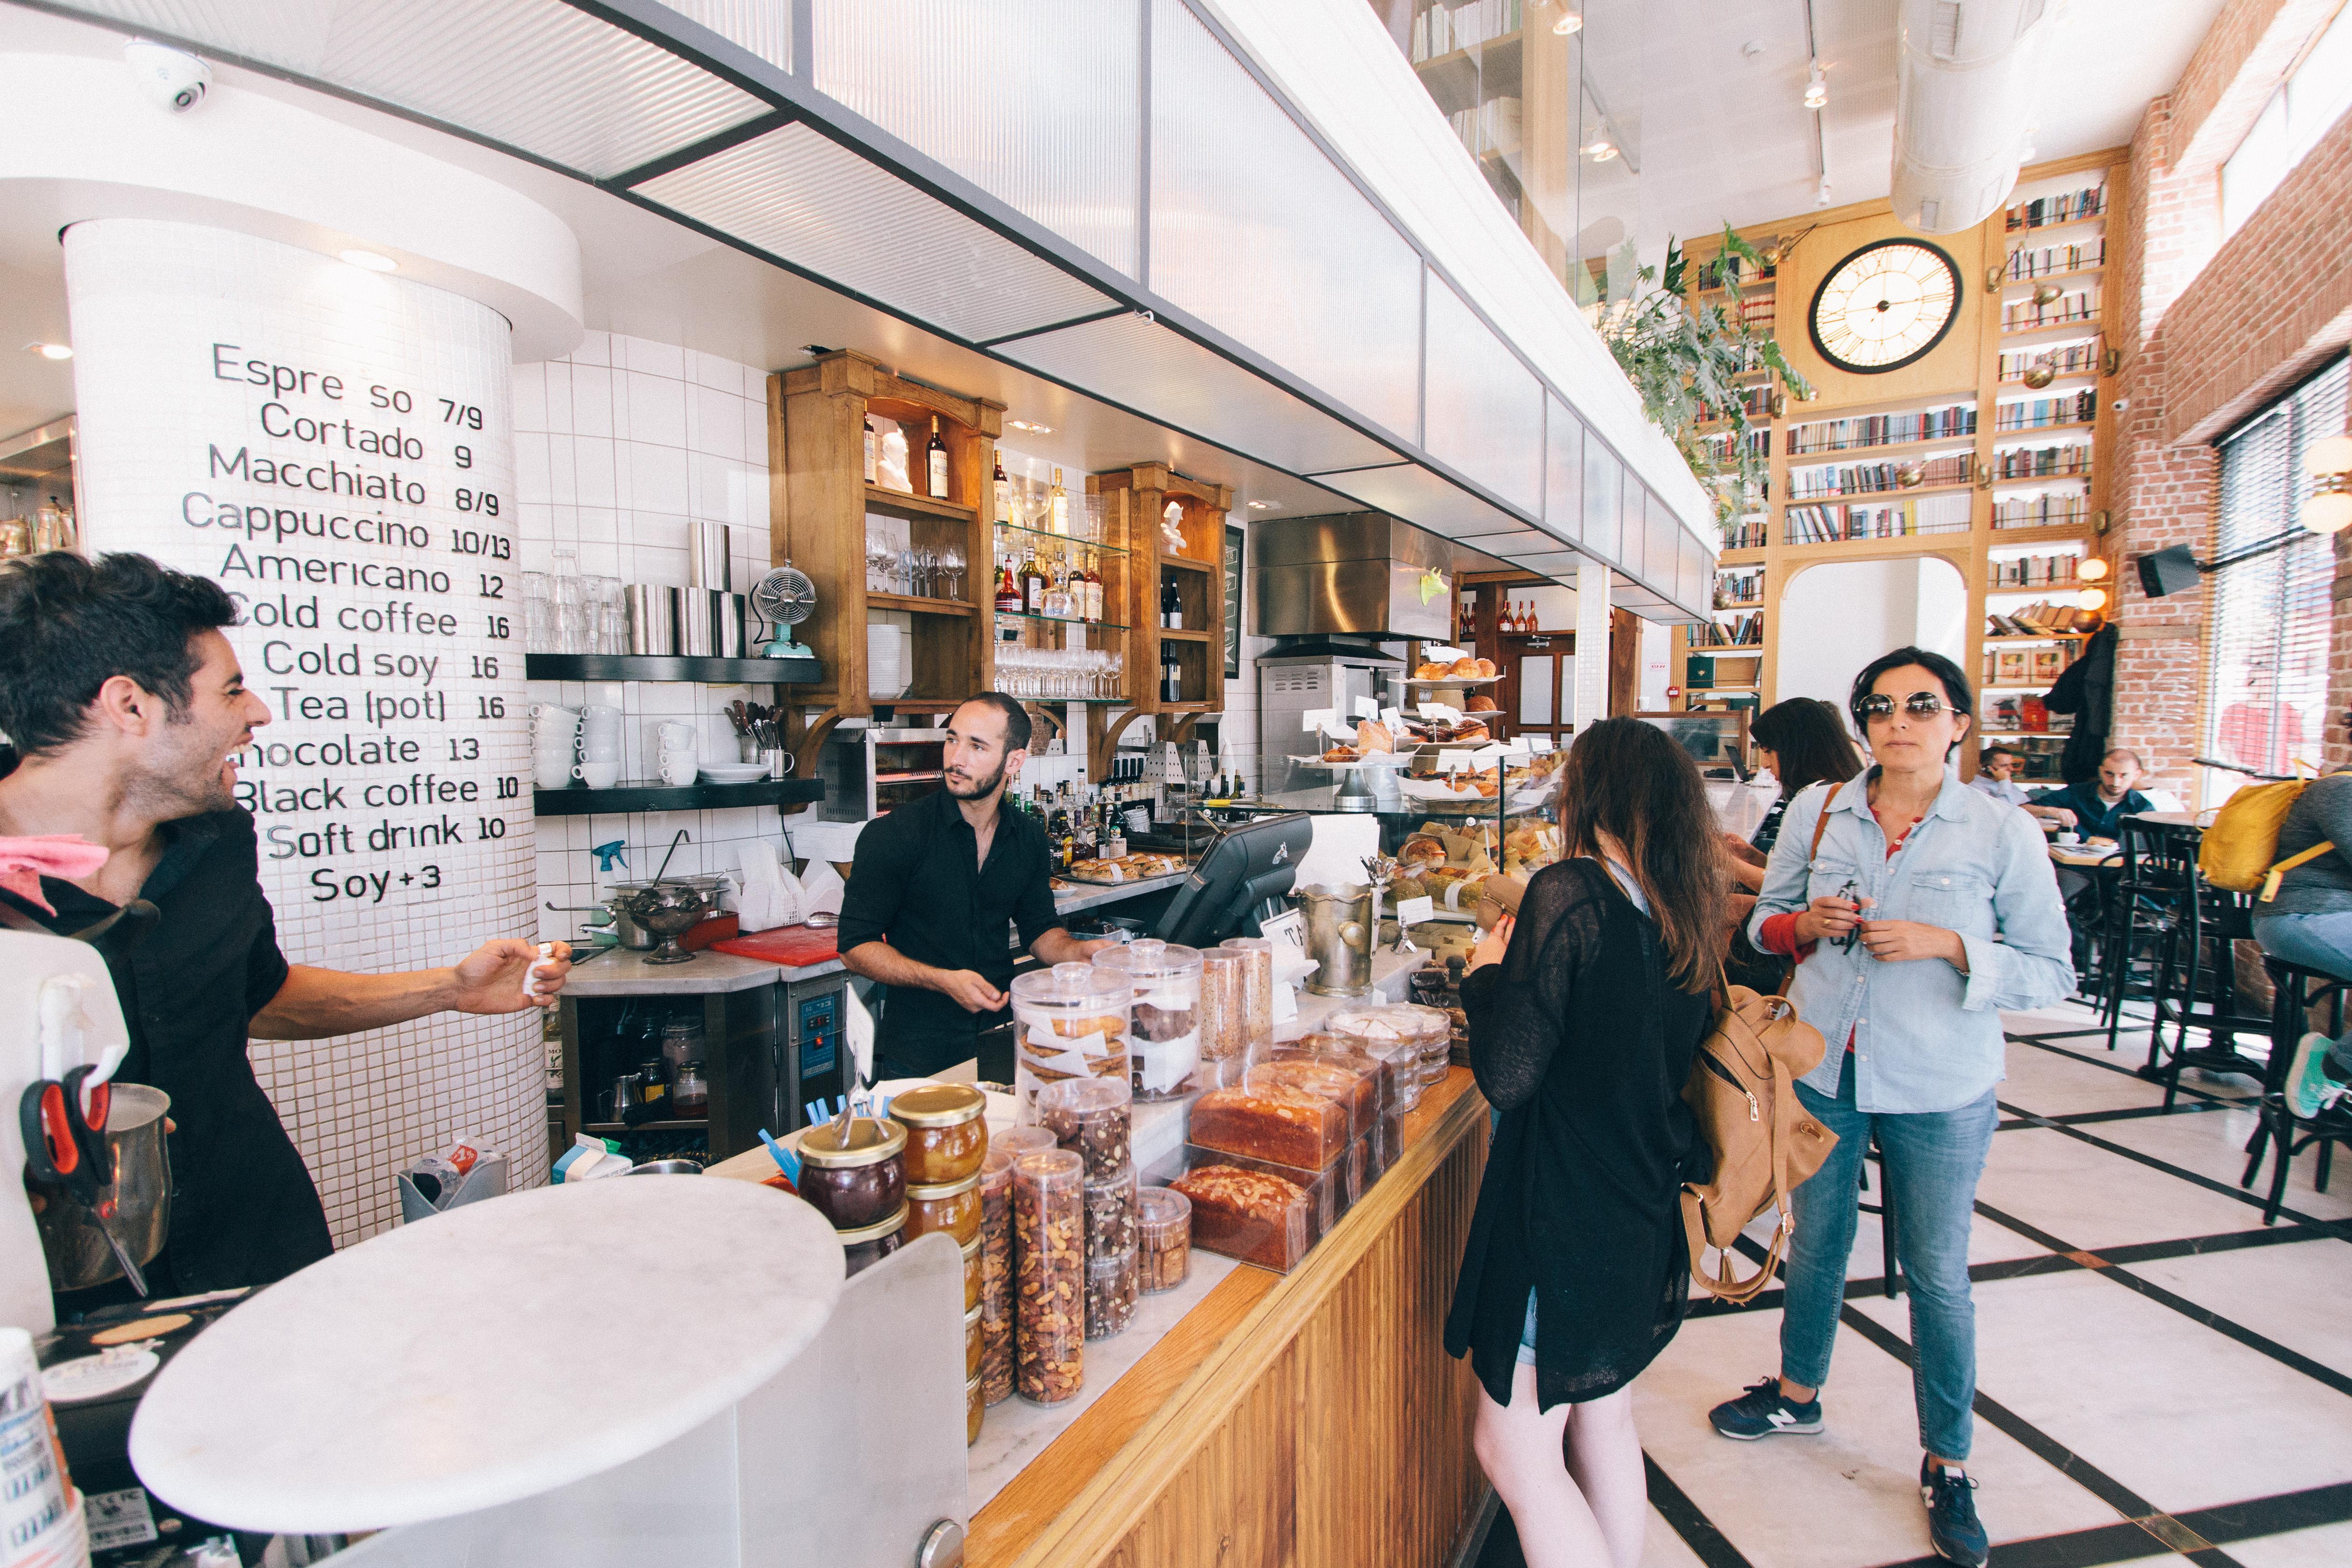 Desciende por primera vez la facturación en la hostelería de Madrid - La Viña